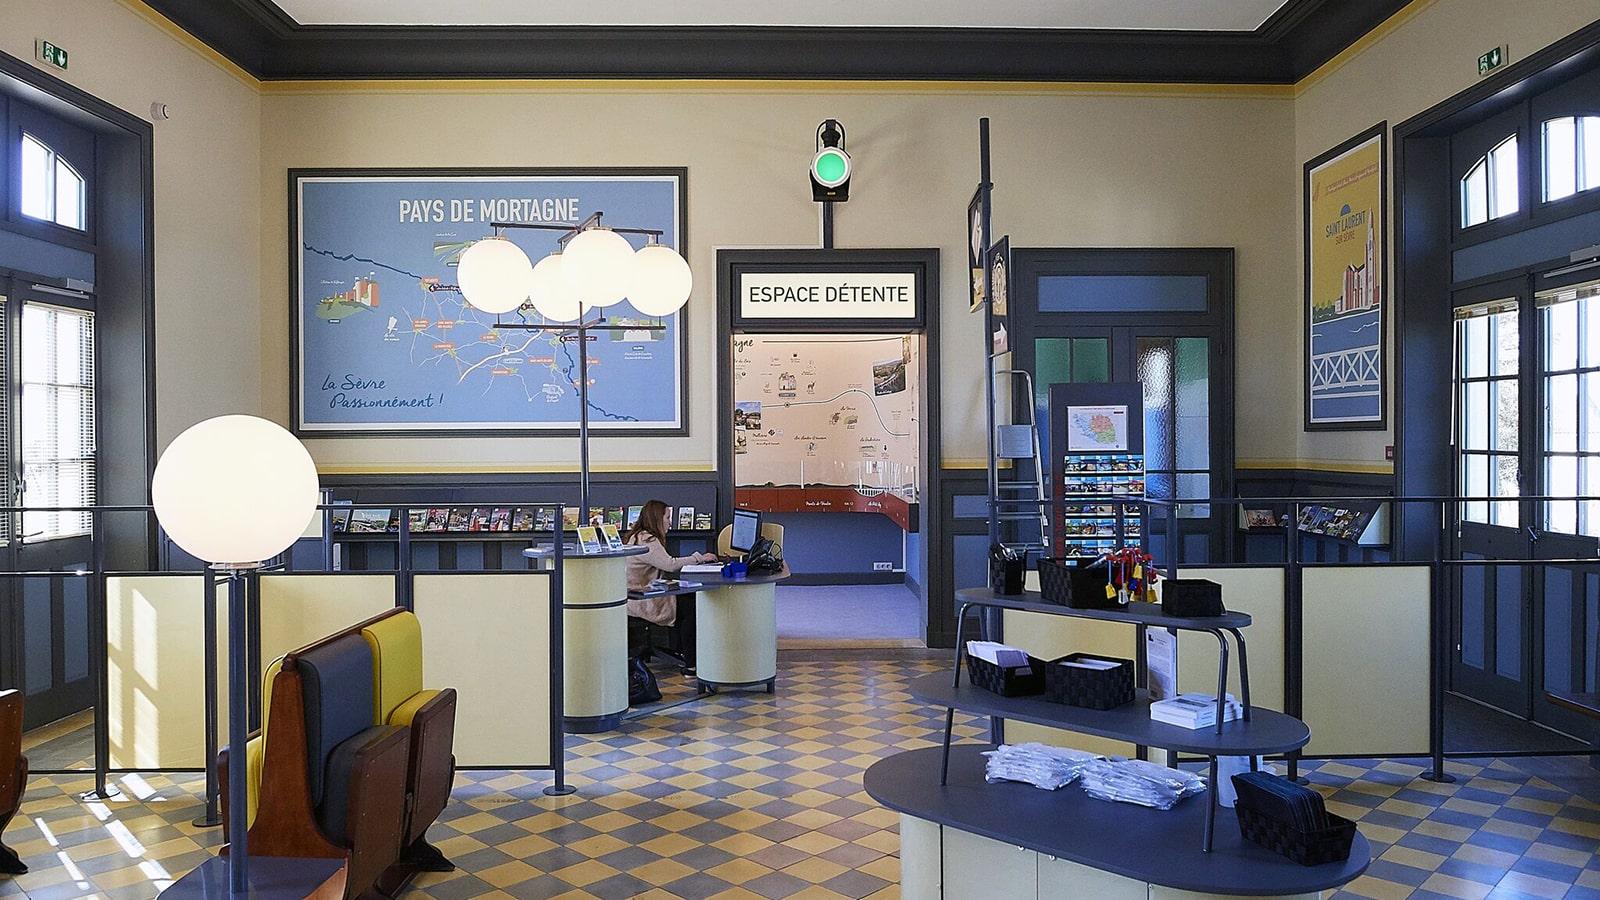 EFI Design Projet Office De Tourisme Mortagne Sur Sèvre Article Blog Efi Design (1) 1437